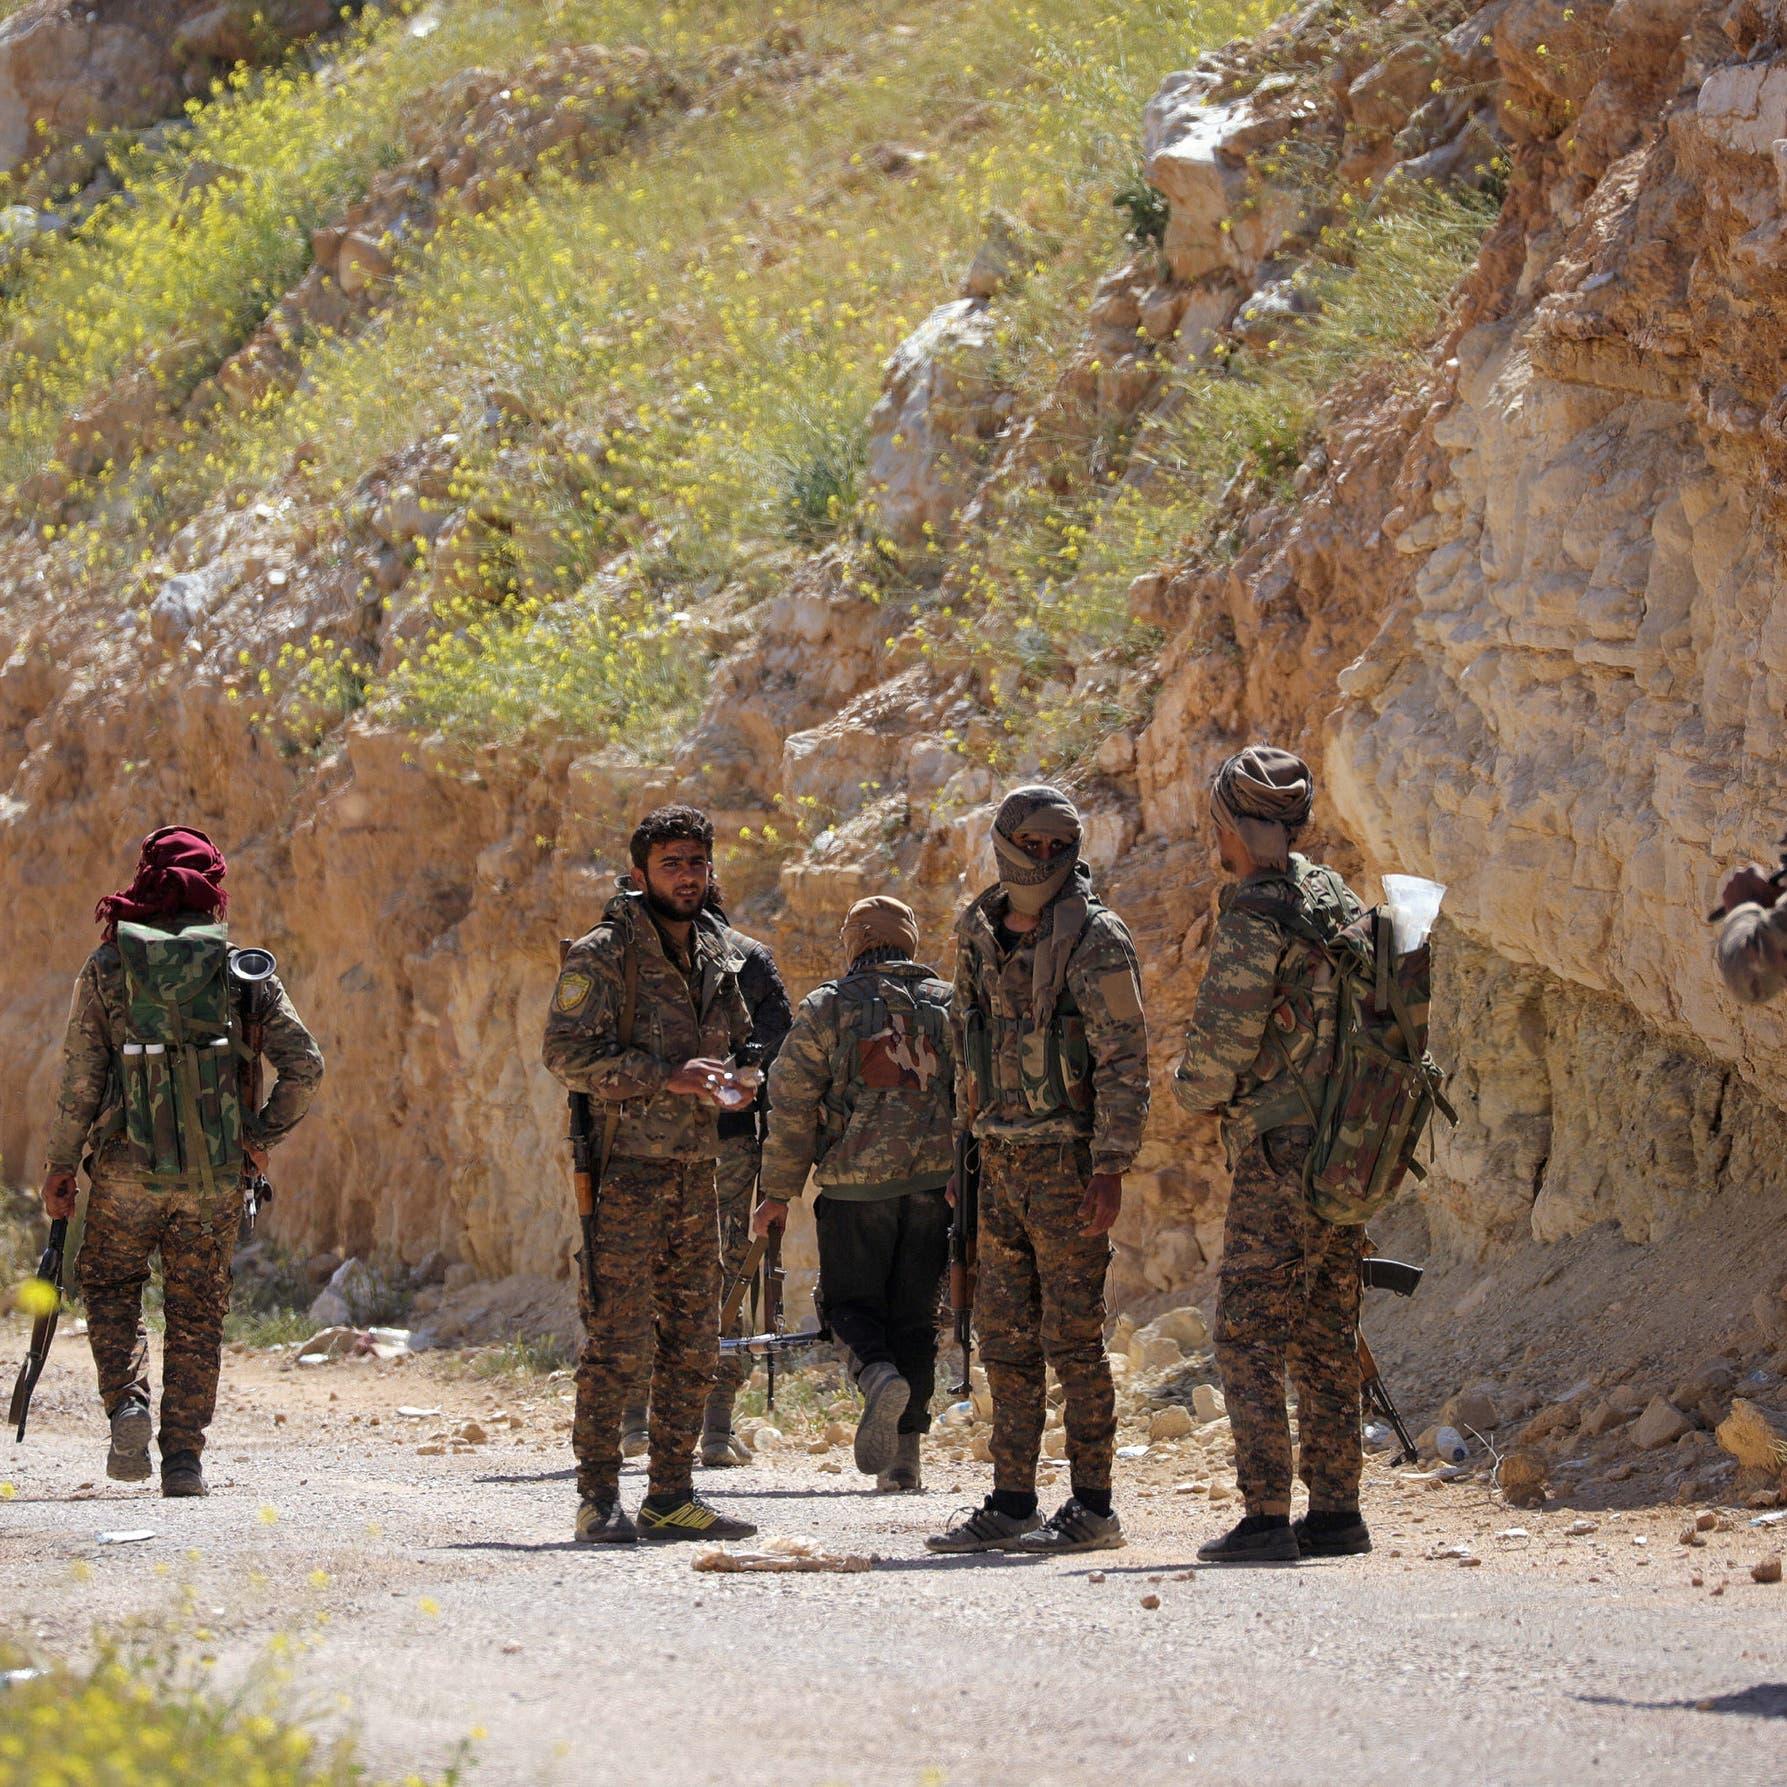 سوريا الديمقراطية: تهديد أردوغان يعود لتراجعه في إدلب